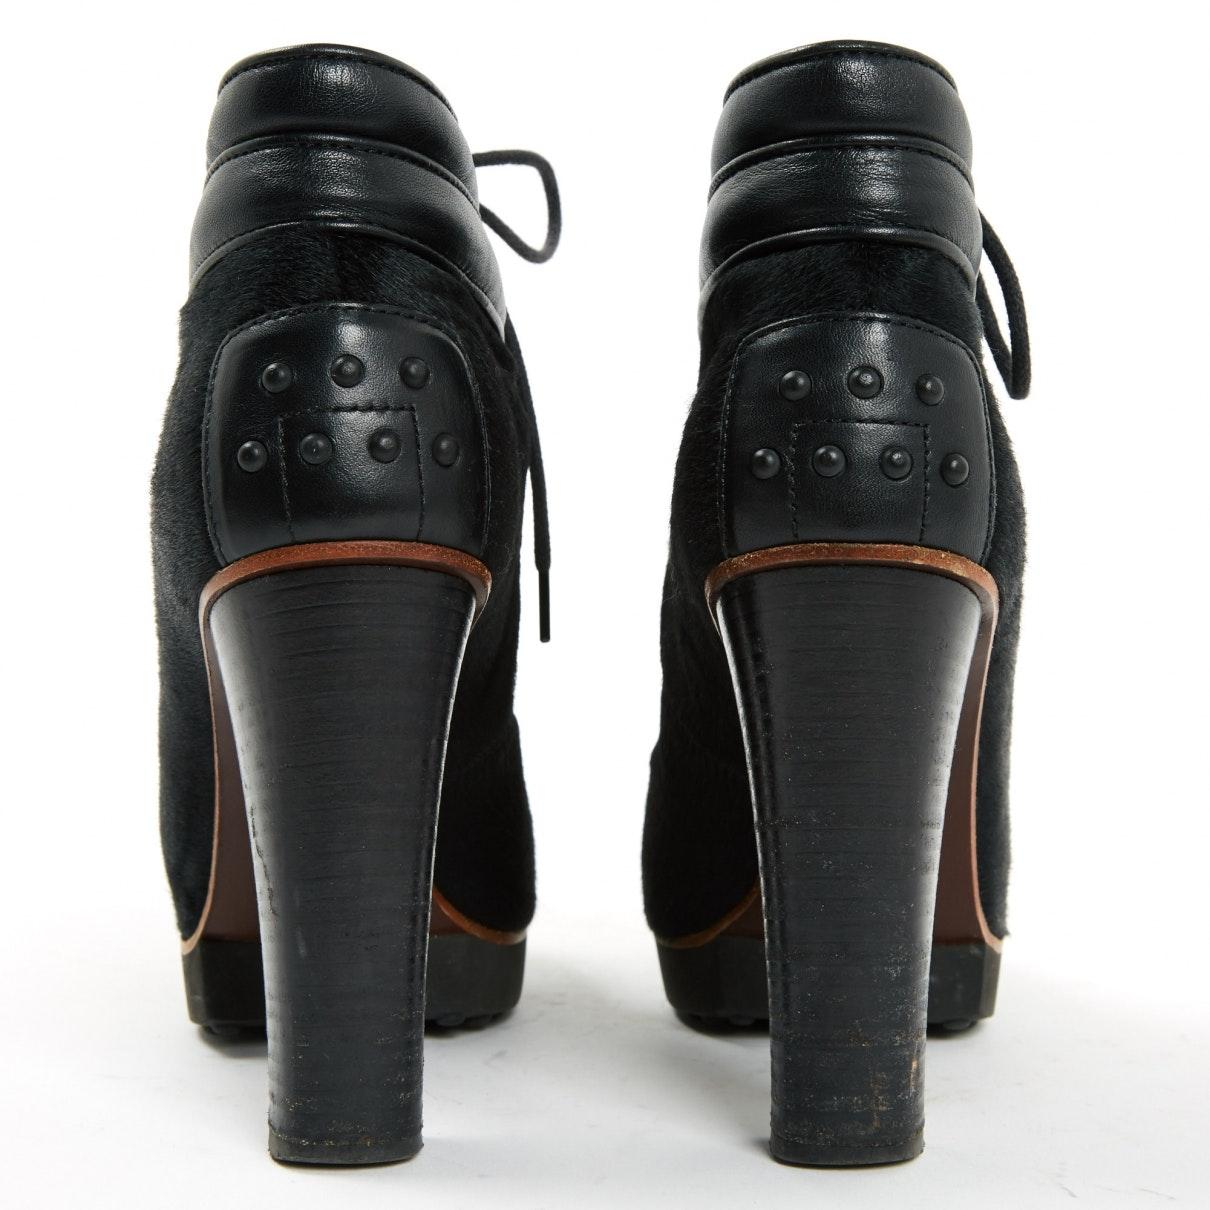 Botines en piel de potro de imitación negro N Tod's de Cuero de color Negro